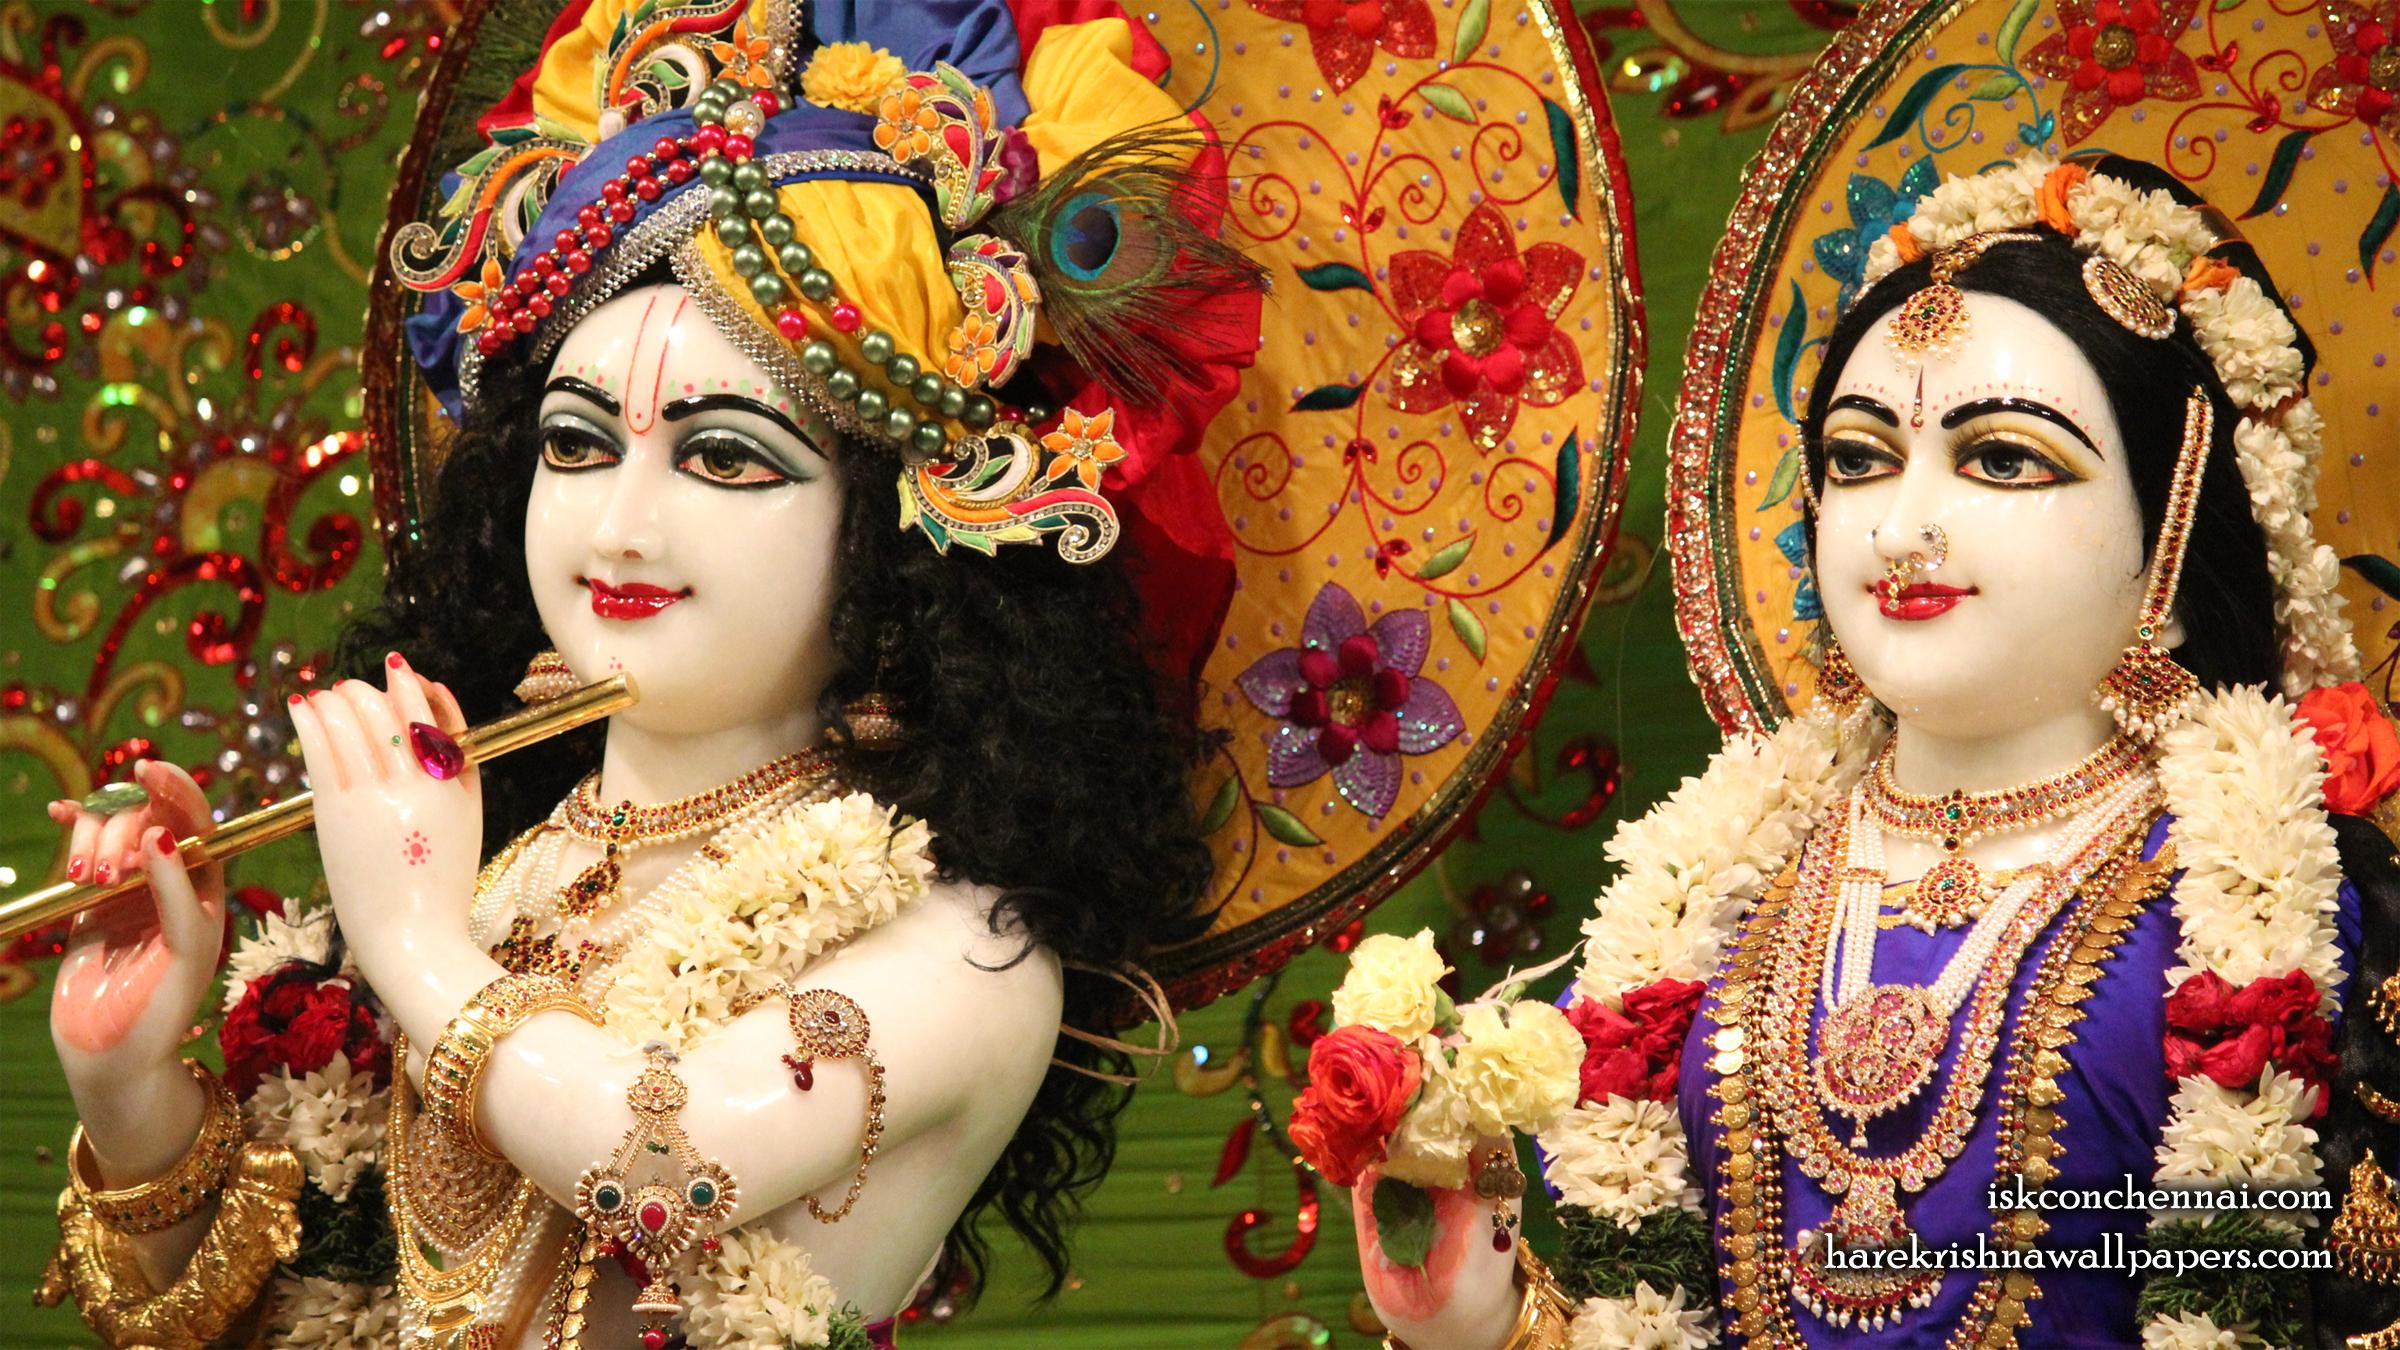 Sri Sri Radha Krishna Close up Wallpaper (011) Size 2400x1350 Download